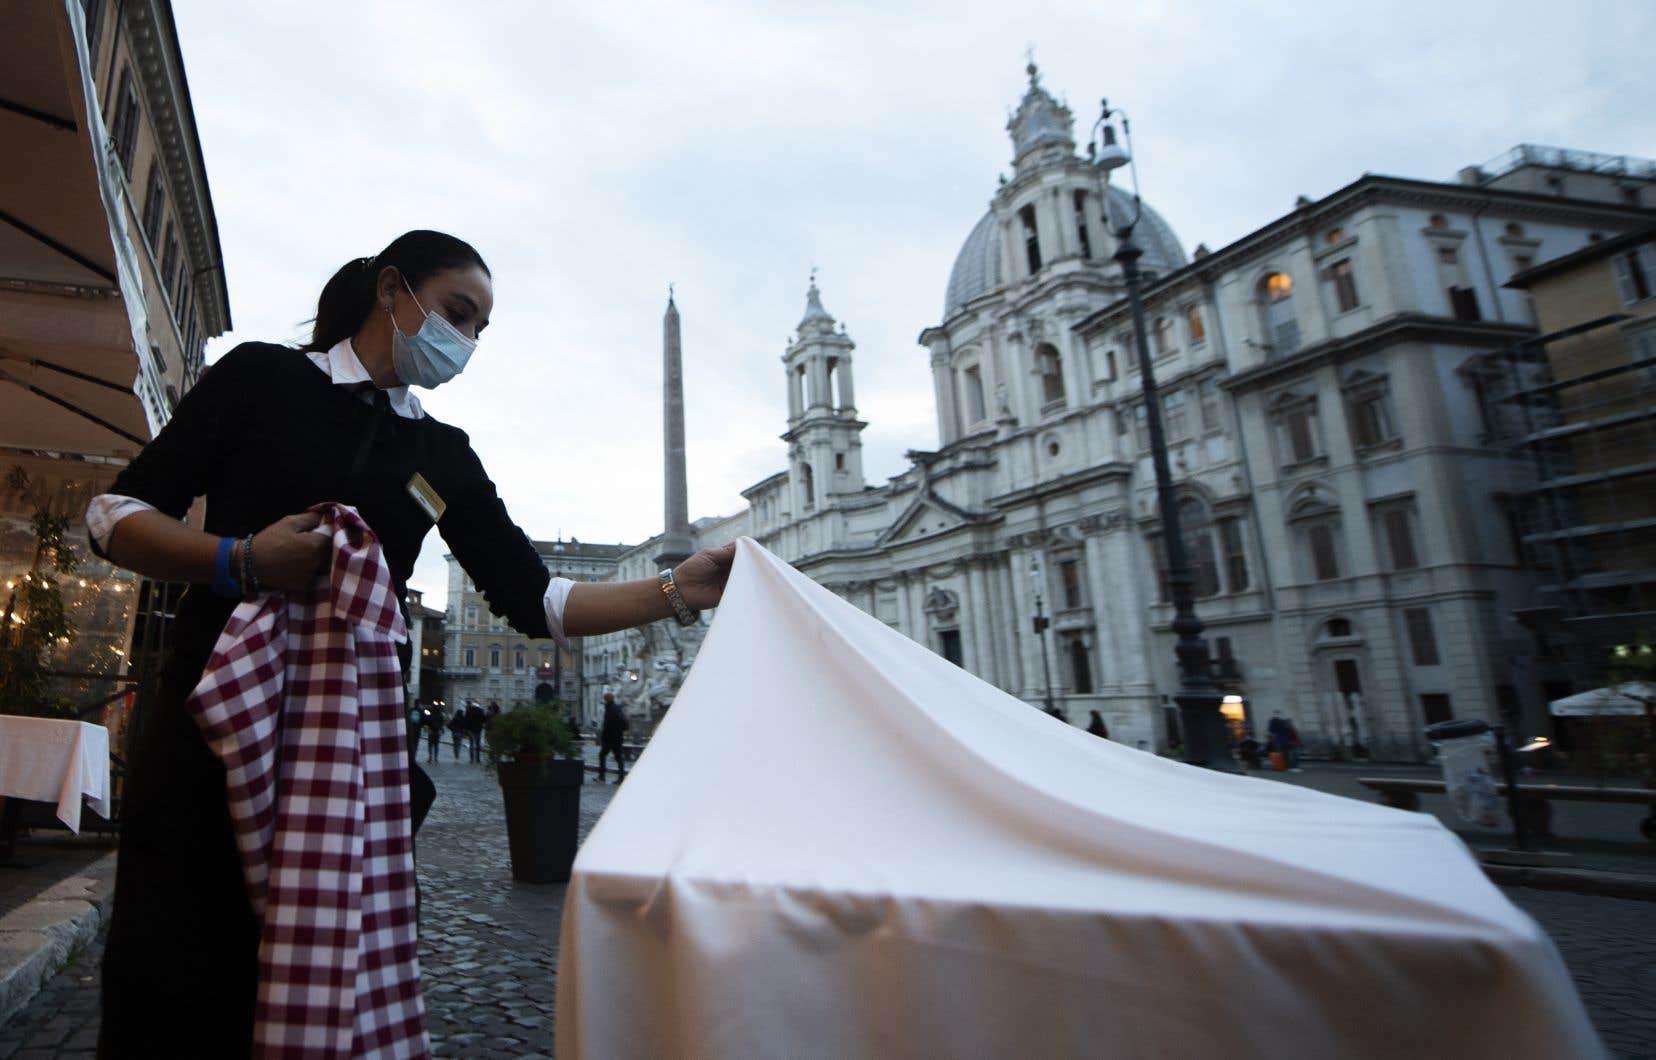 Le premier ministre italien, Giuseppe Conte, a décidé de fermer les restaurants et les bars à partir de 18h.